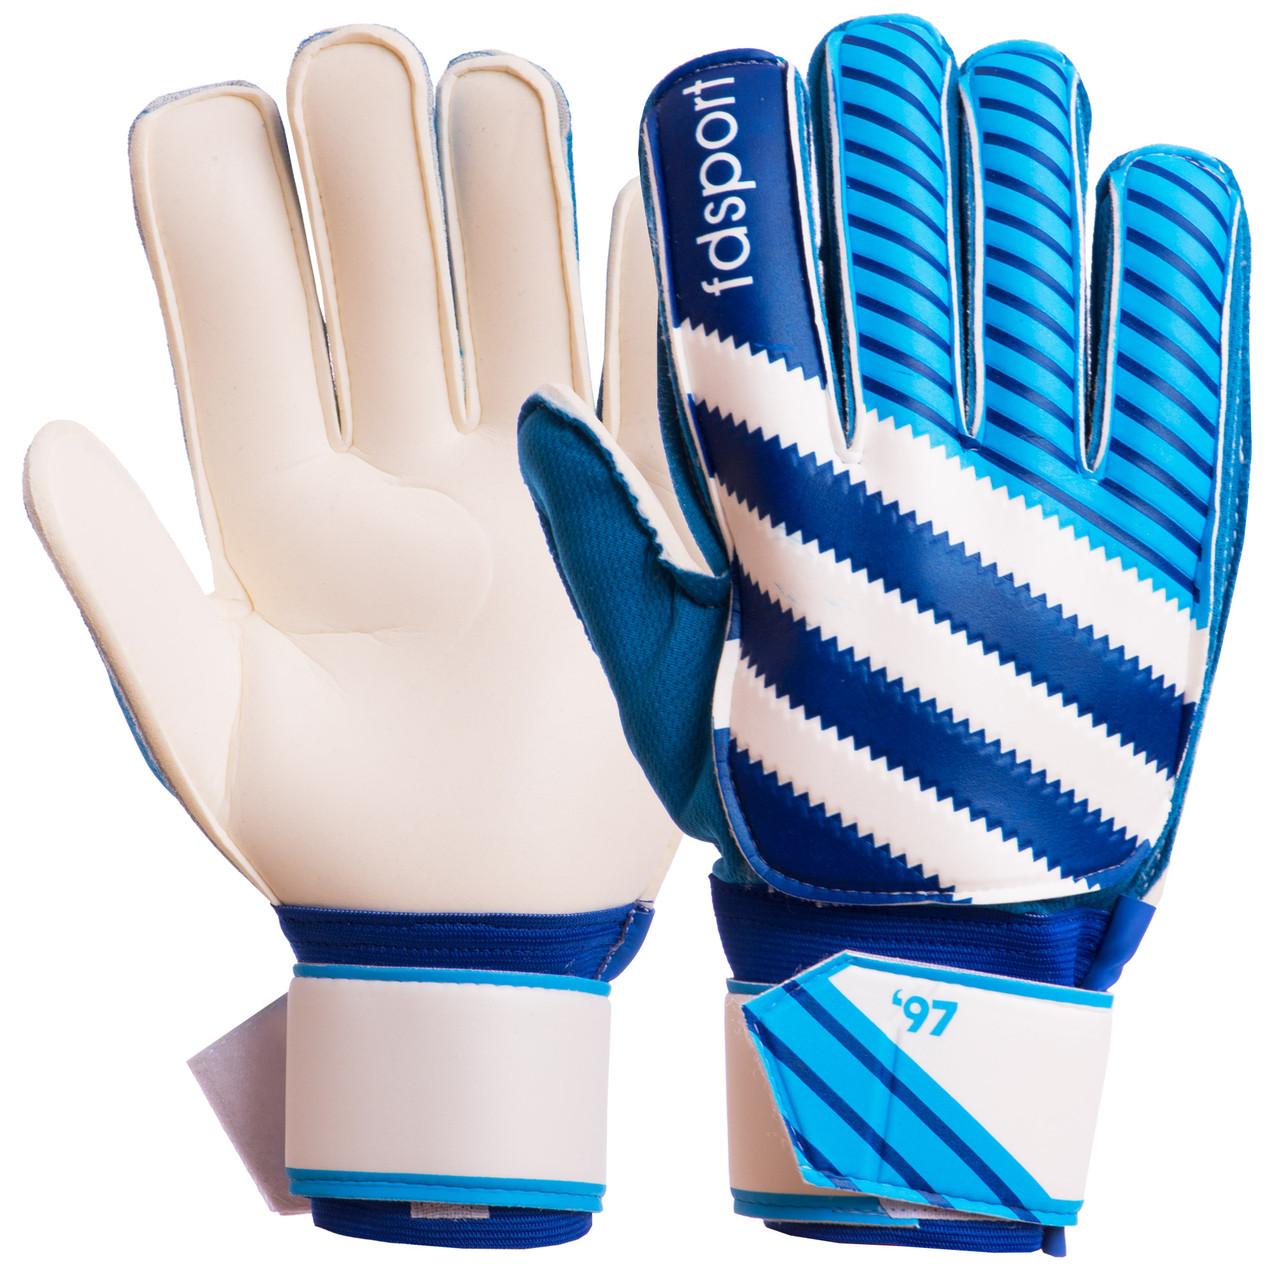 Перчатки вратарские с защитными вставками на пальцы синие FB-893